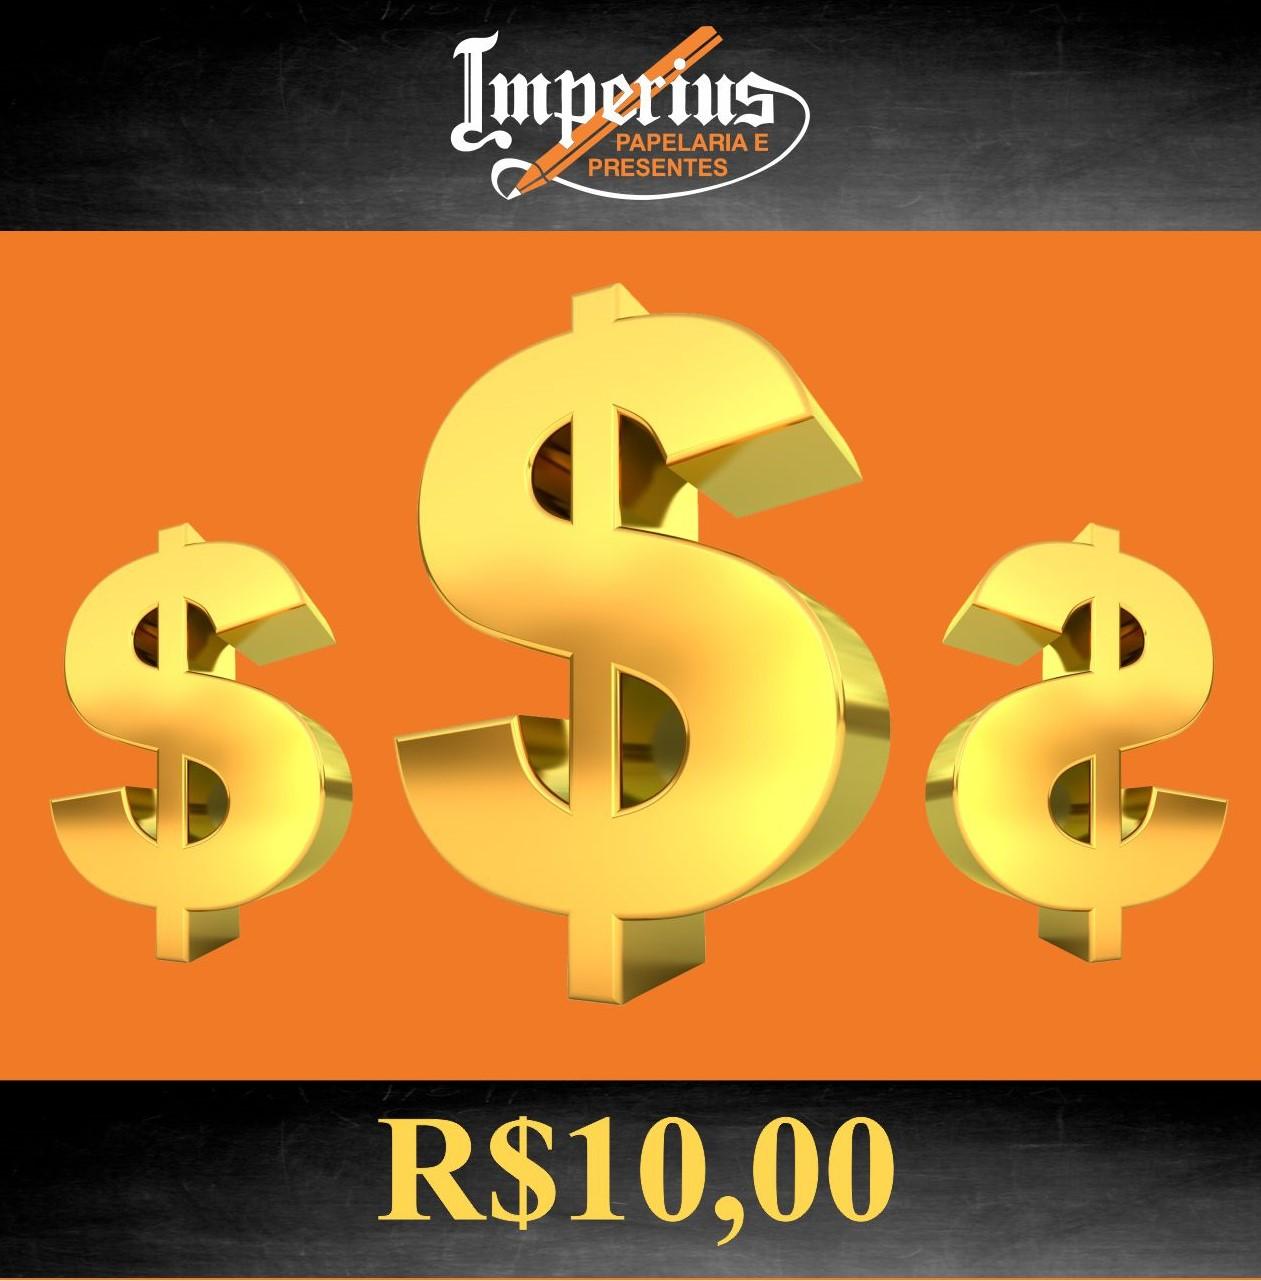 Crédito de R$ 10,00 em compras na Imperius Papelaria e Presentes